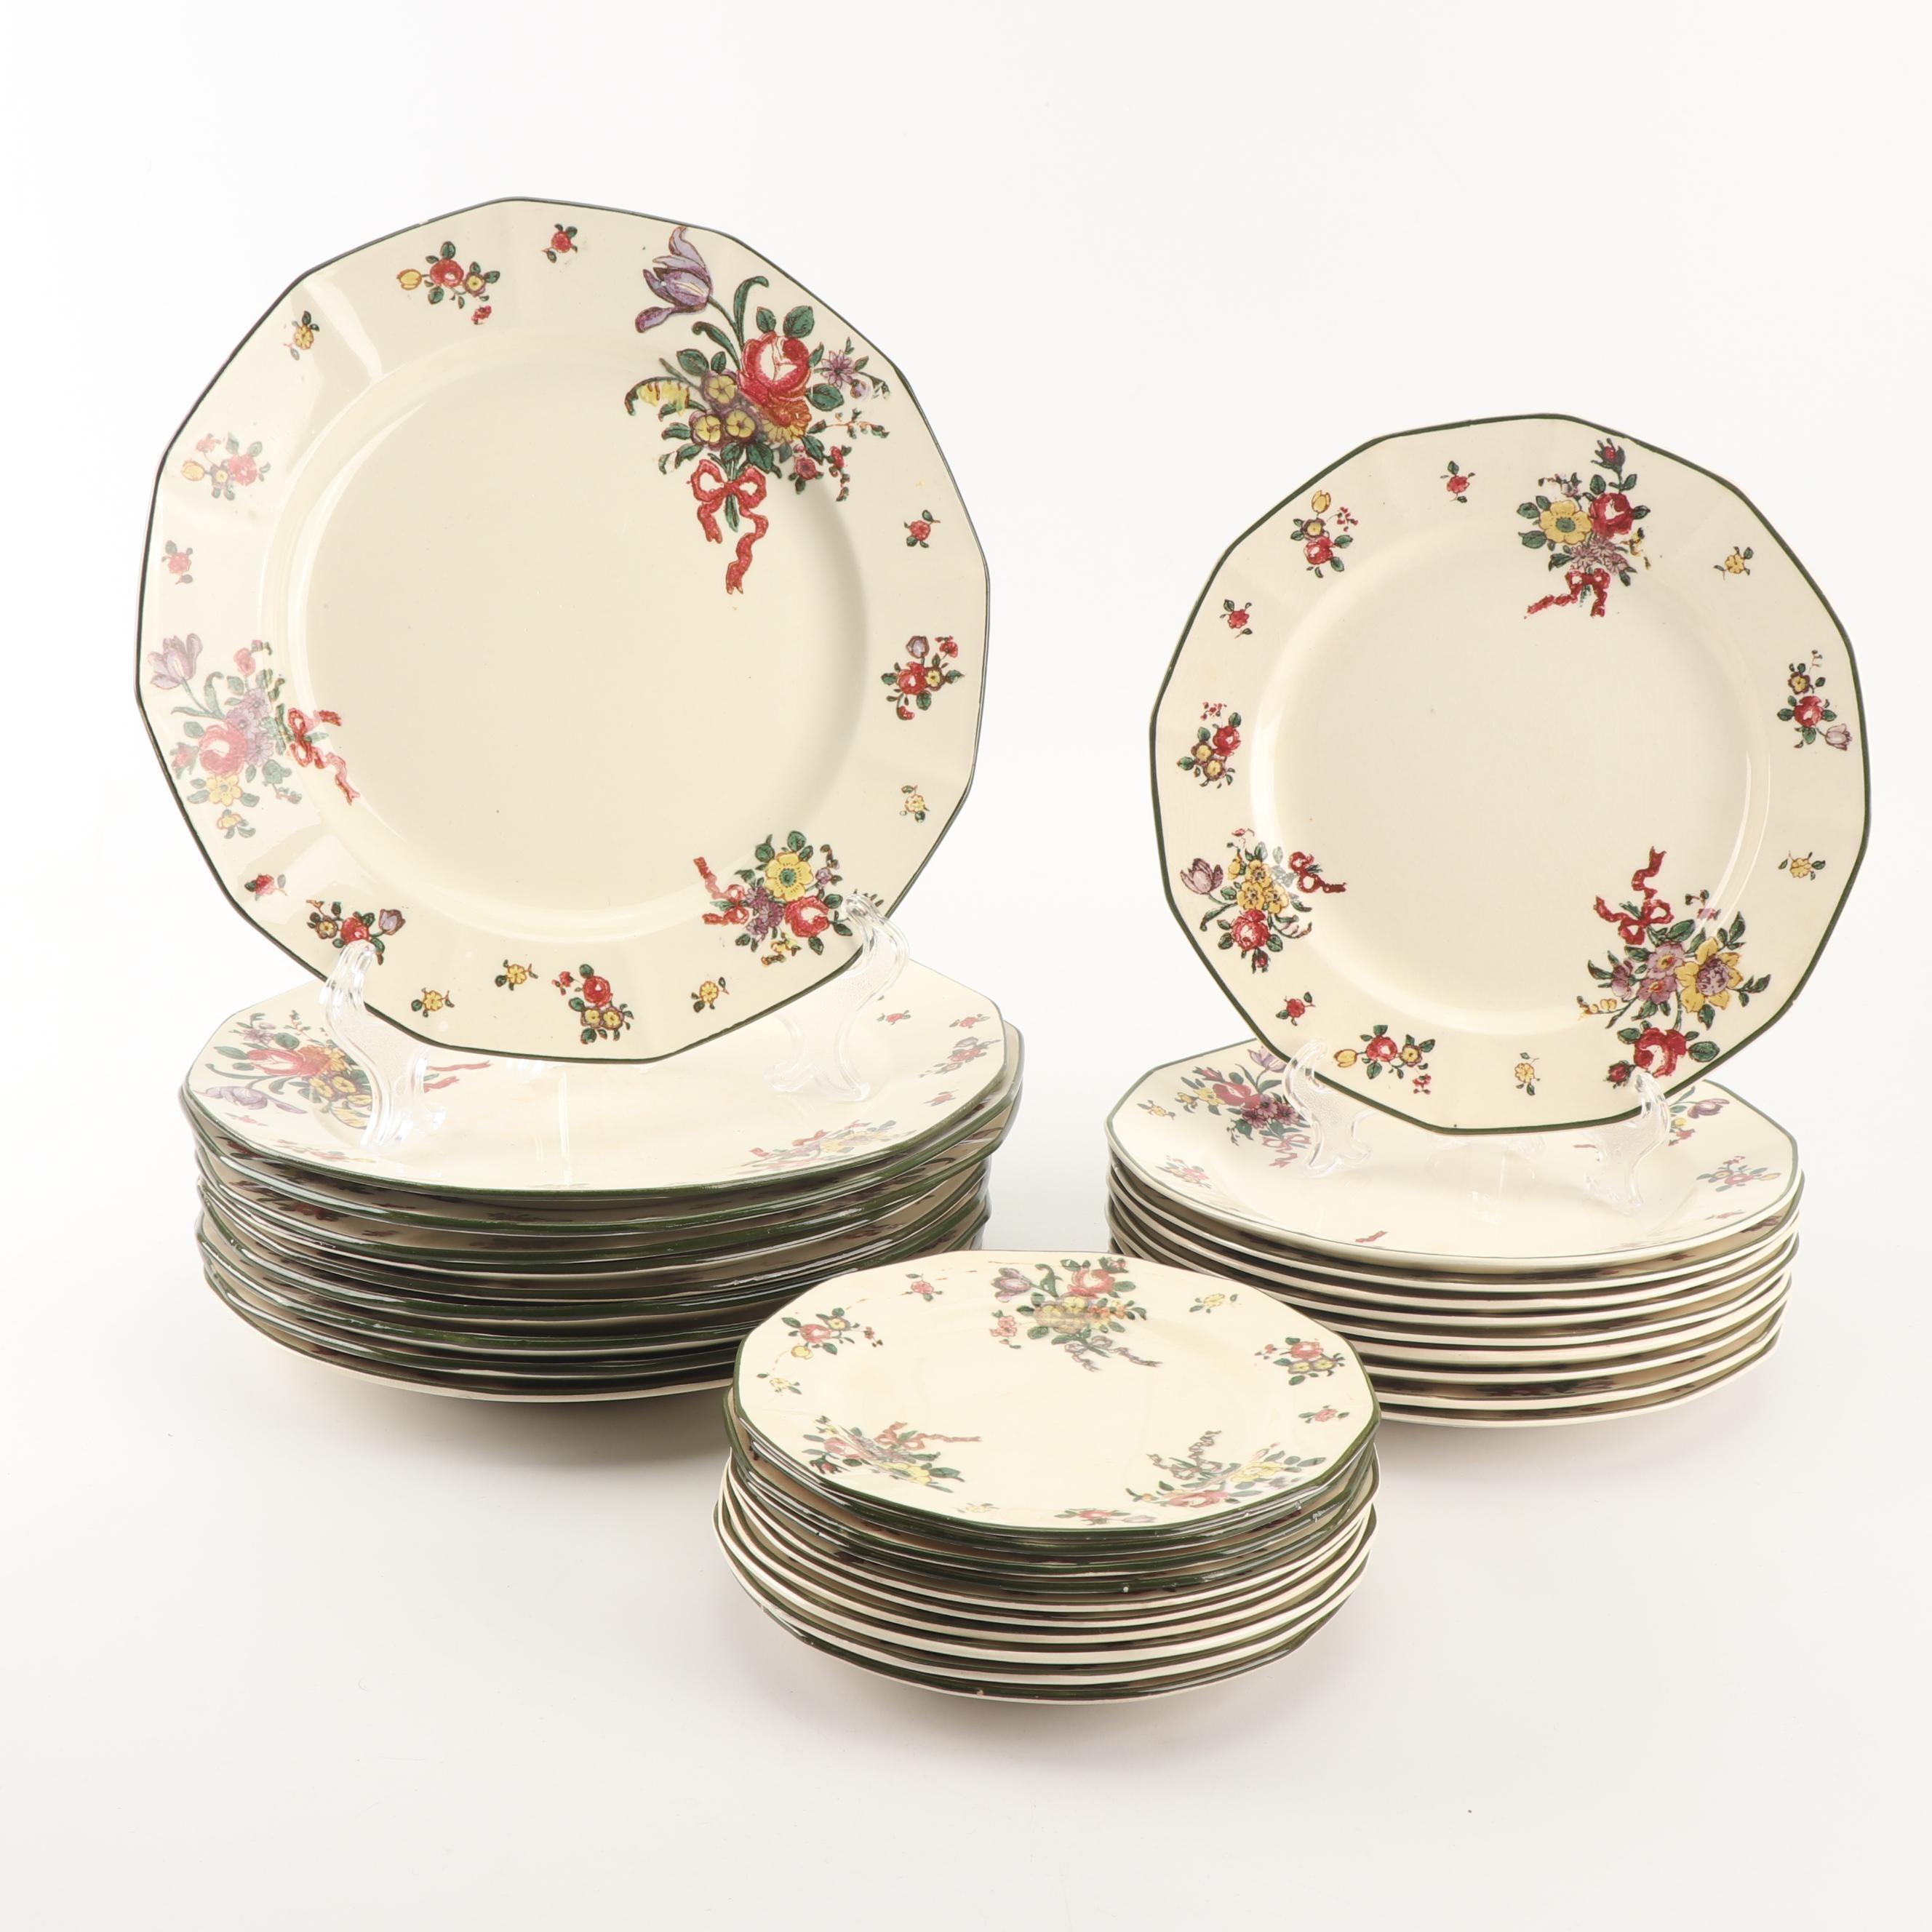 """Royal Doulton """"Old Leeds Spray"""" Earthenware Dinnerware, Circa 1912"""